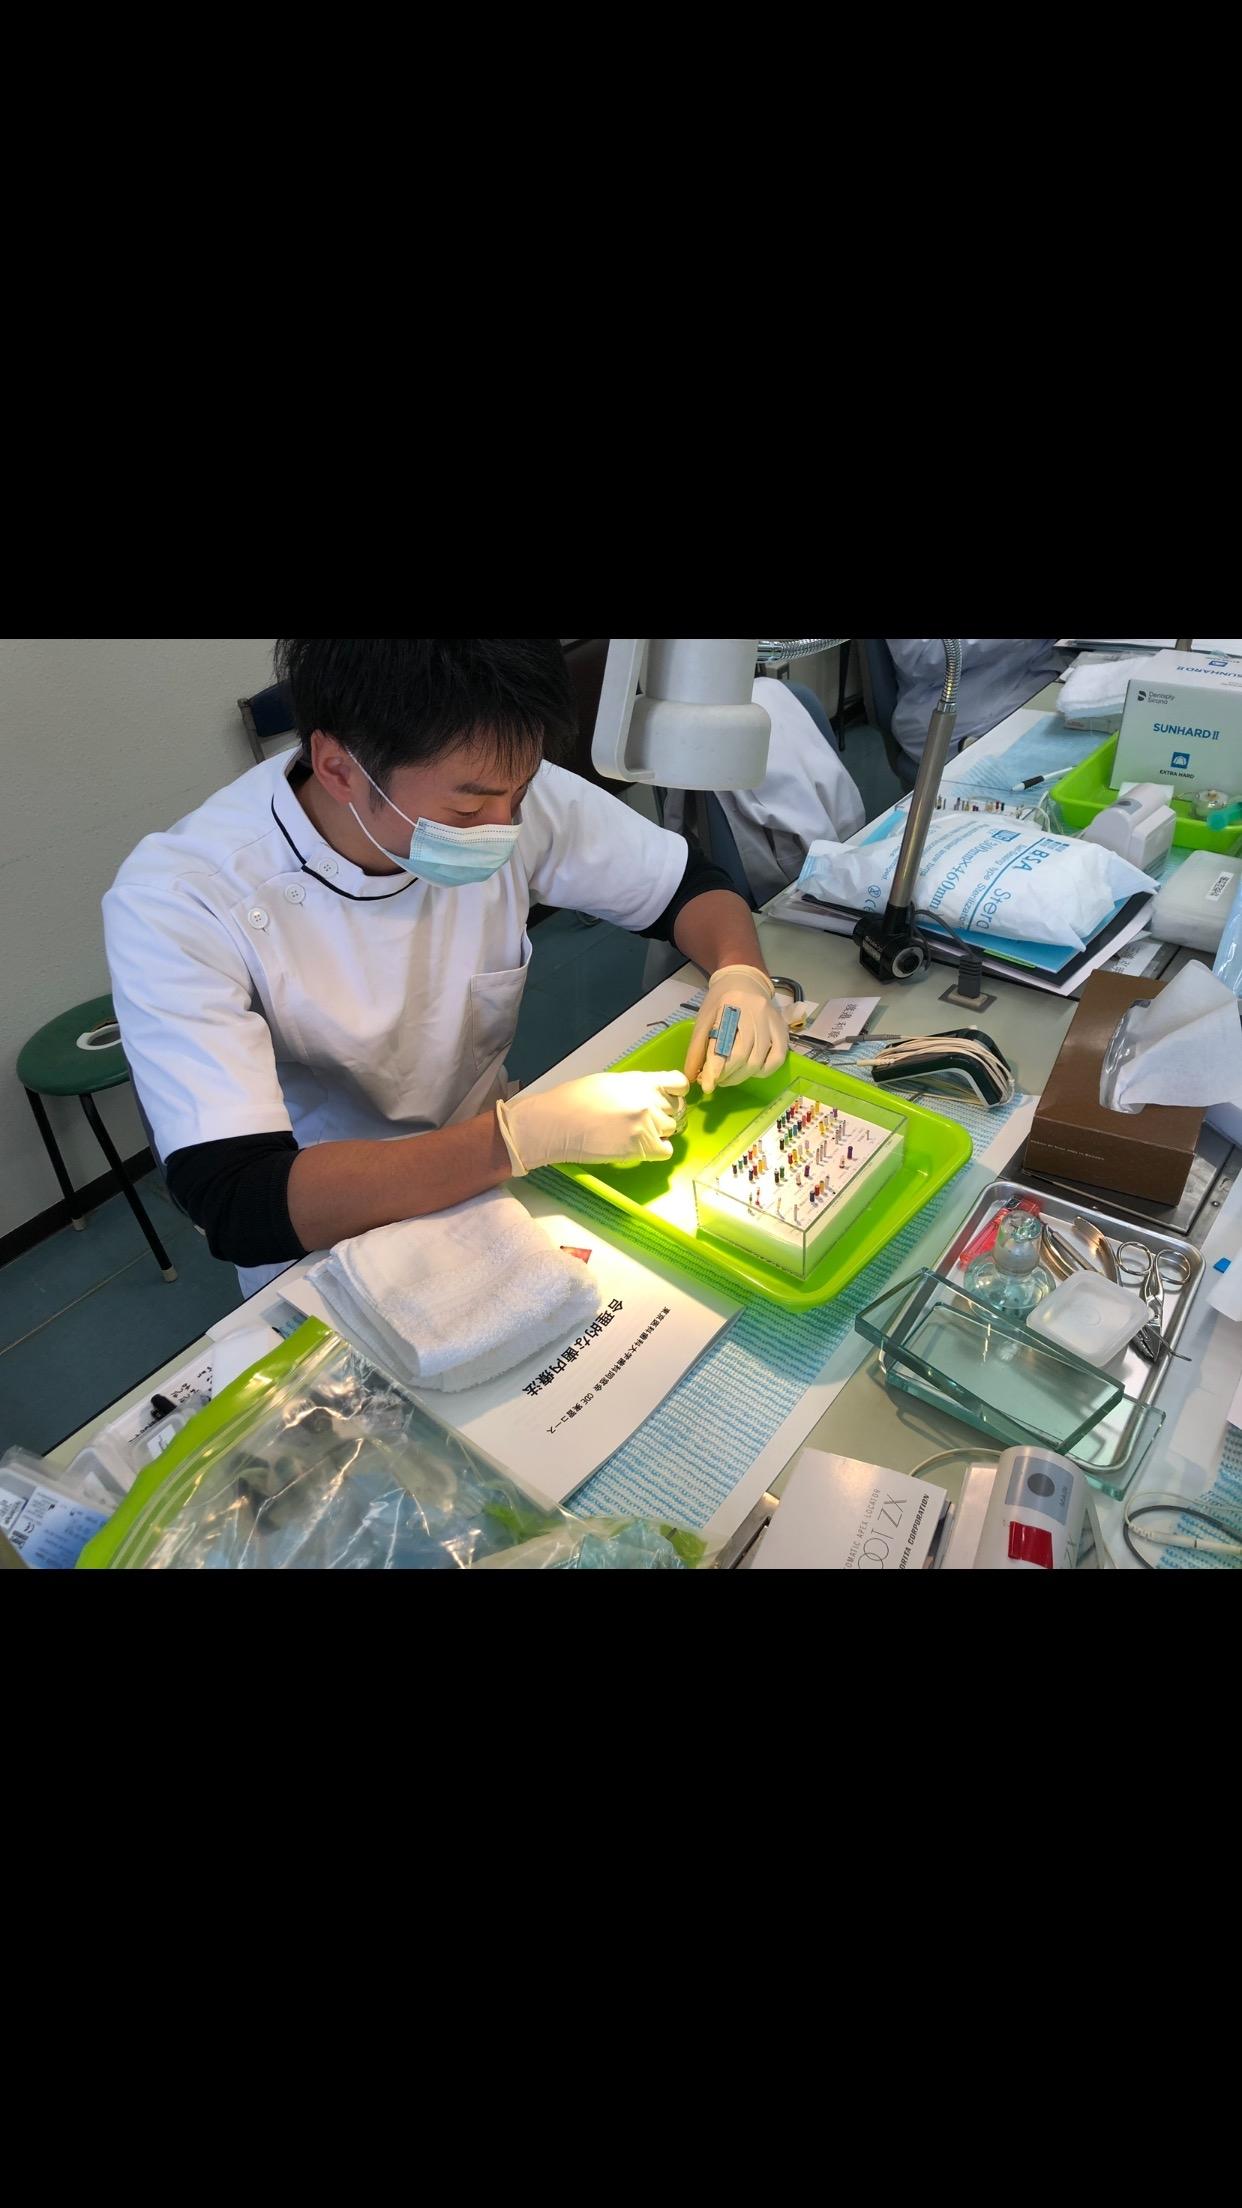 東京医科歯科大学 歯科 勉強会 梅田茶屋町白山歯科クリニック